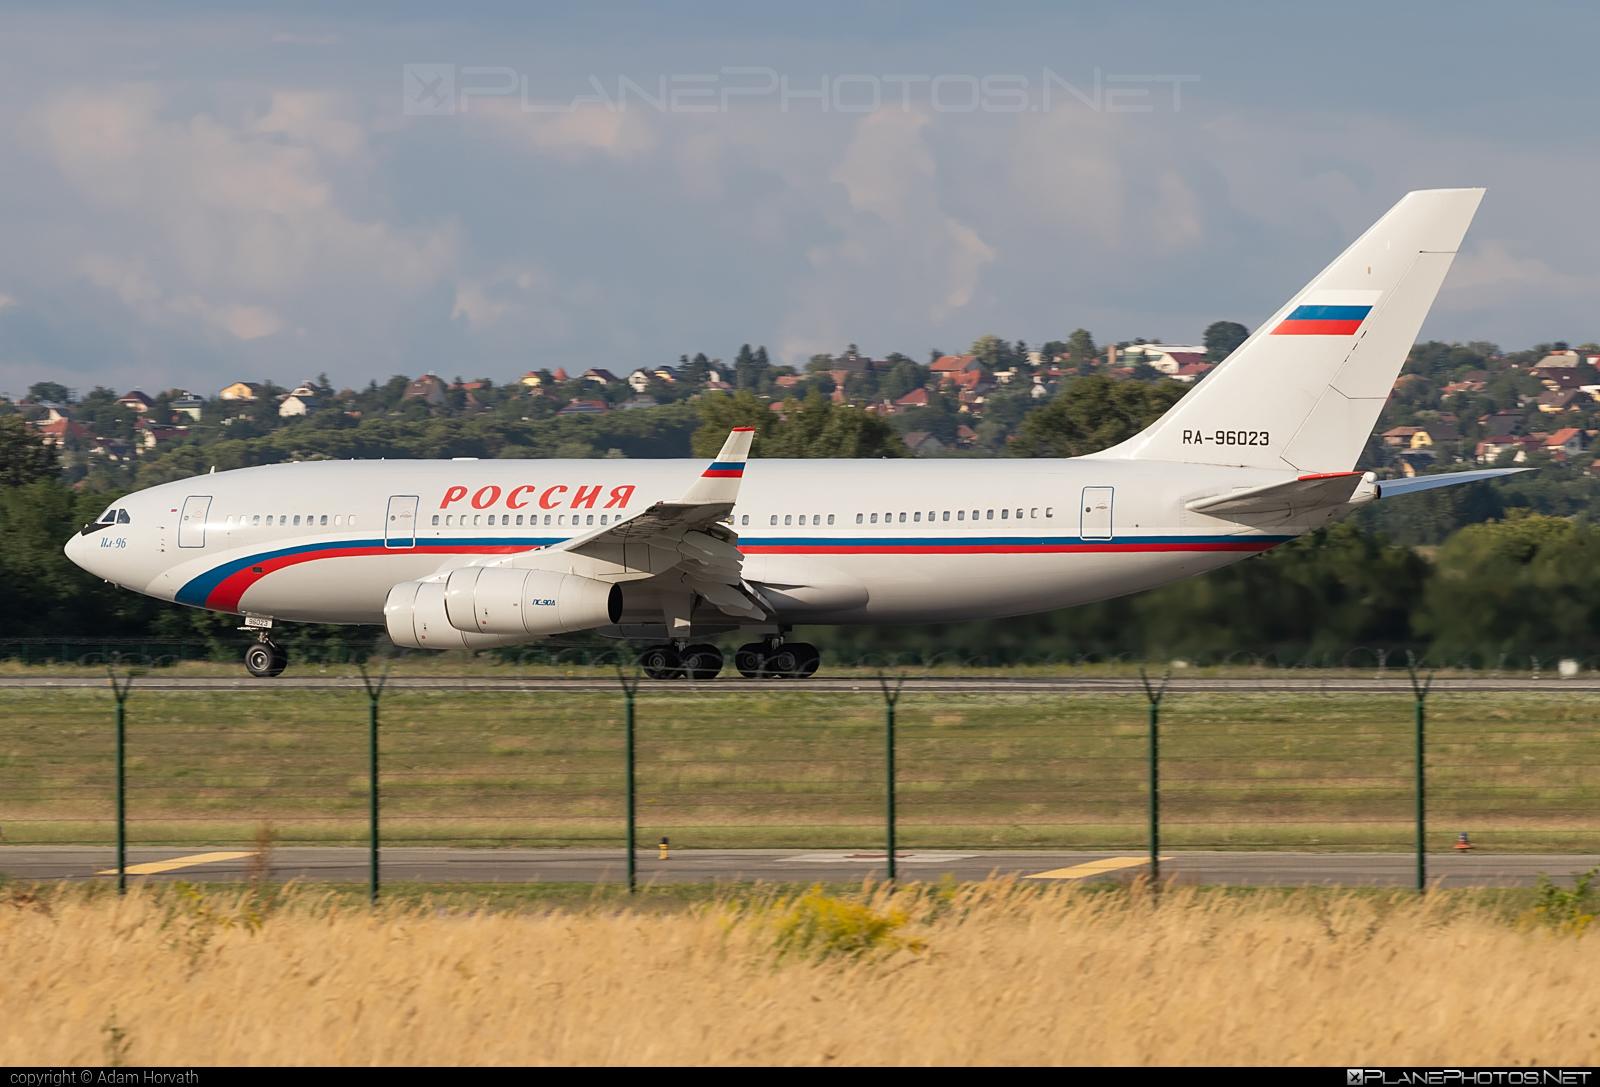 Ilyushin Il-96-300 - RA-96023 operated by Russia - Department of the Defense #il96 #il96300 #ilyushin